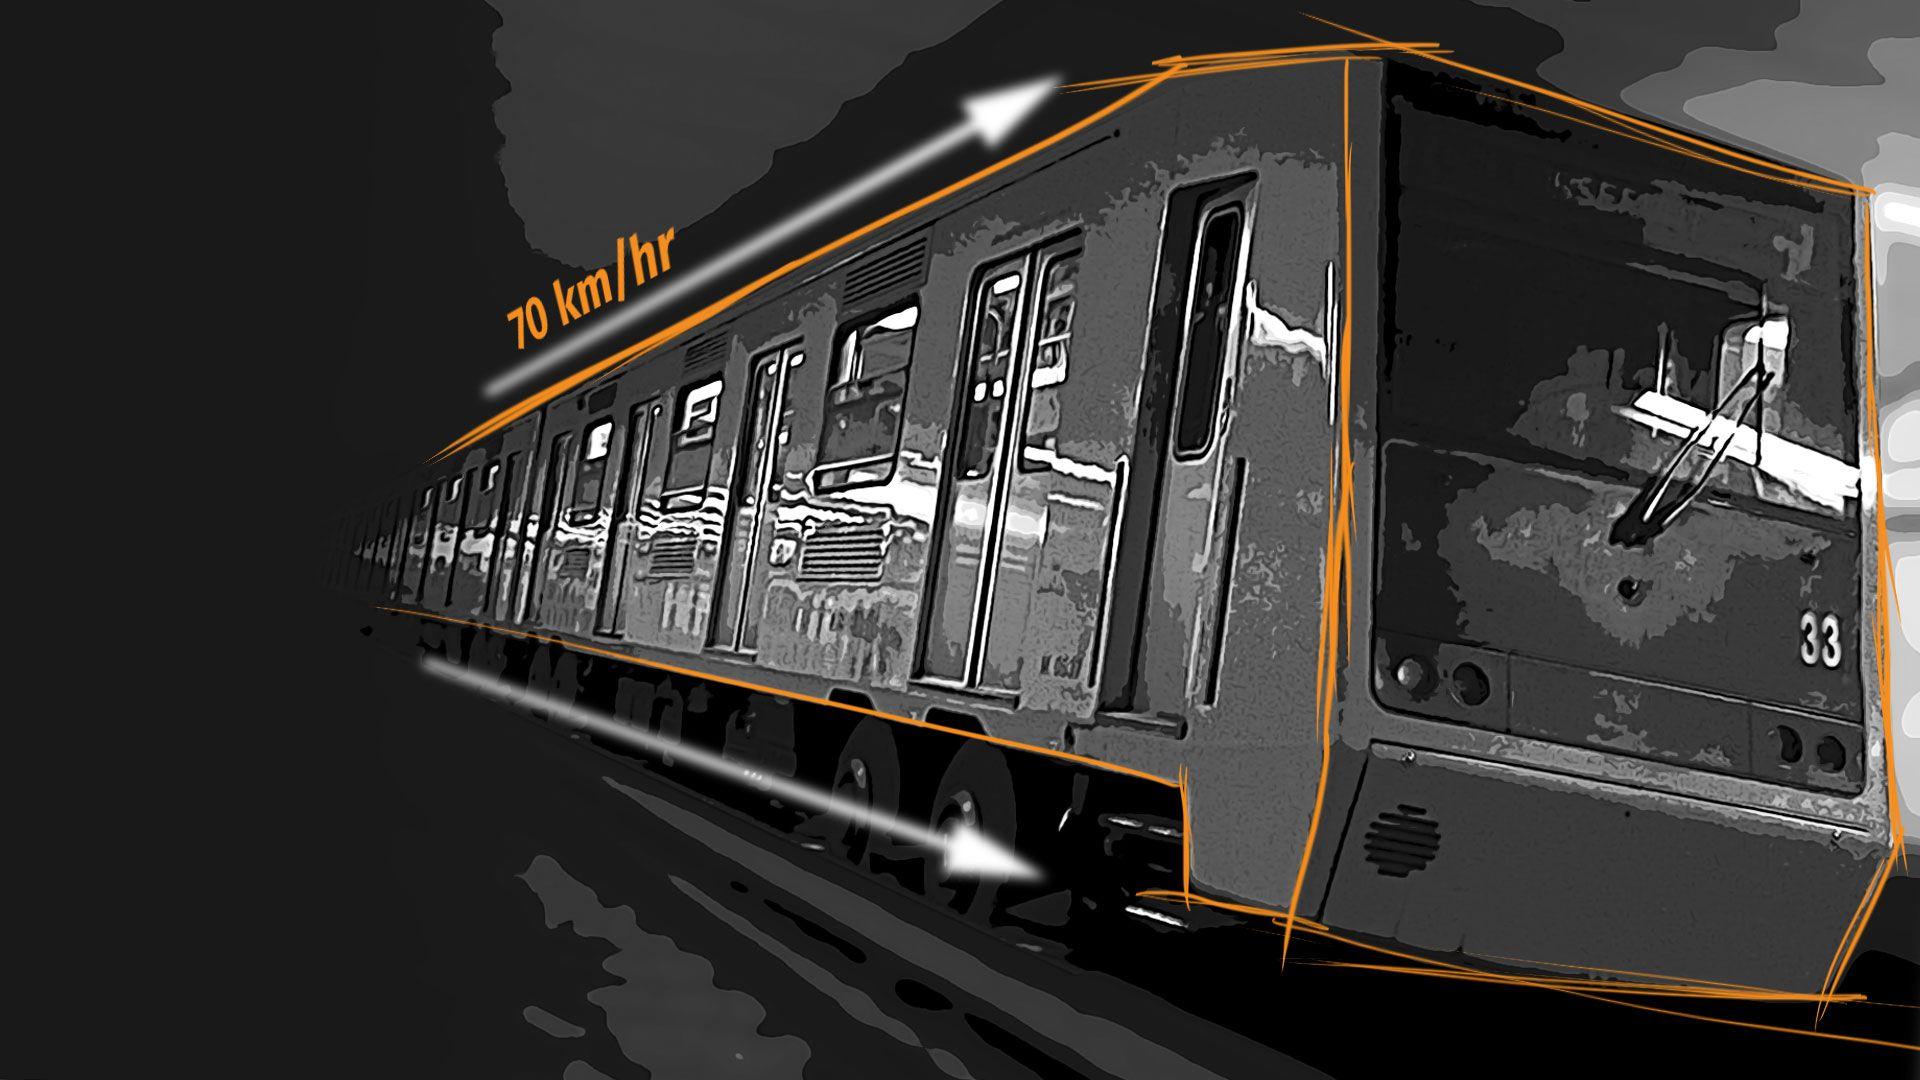 Se analizarán las cajas negras de los trenes. (Foto: Jovani Pérez)